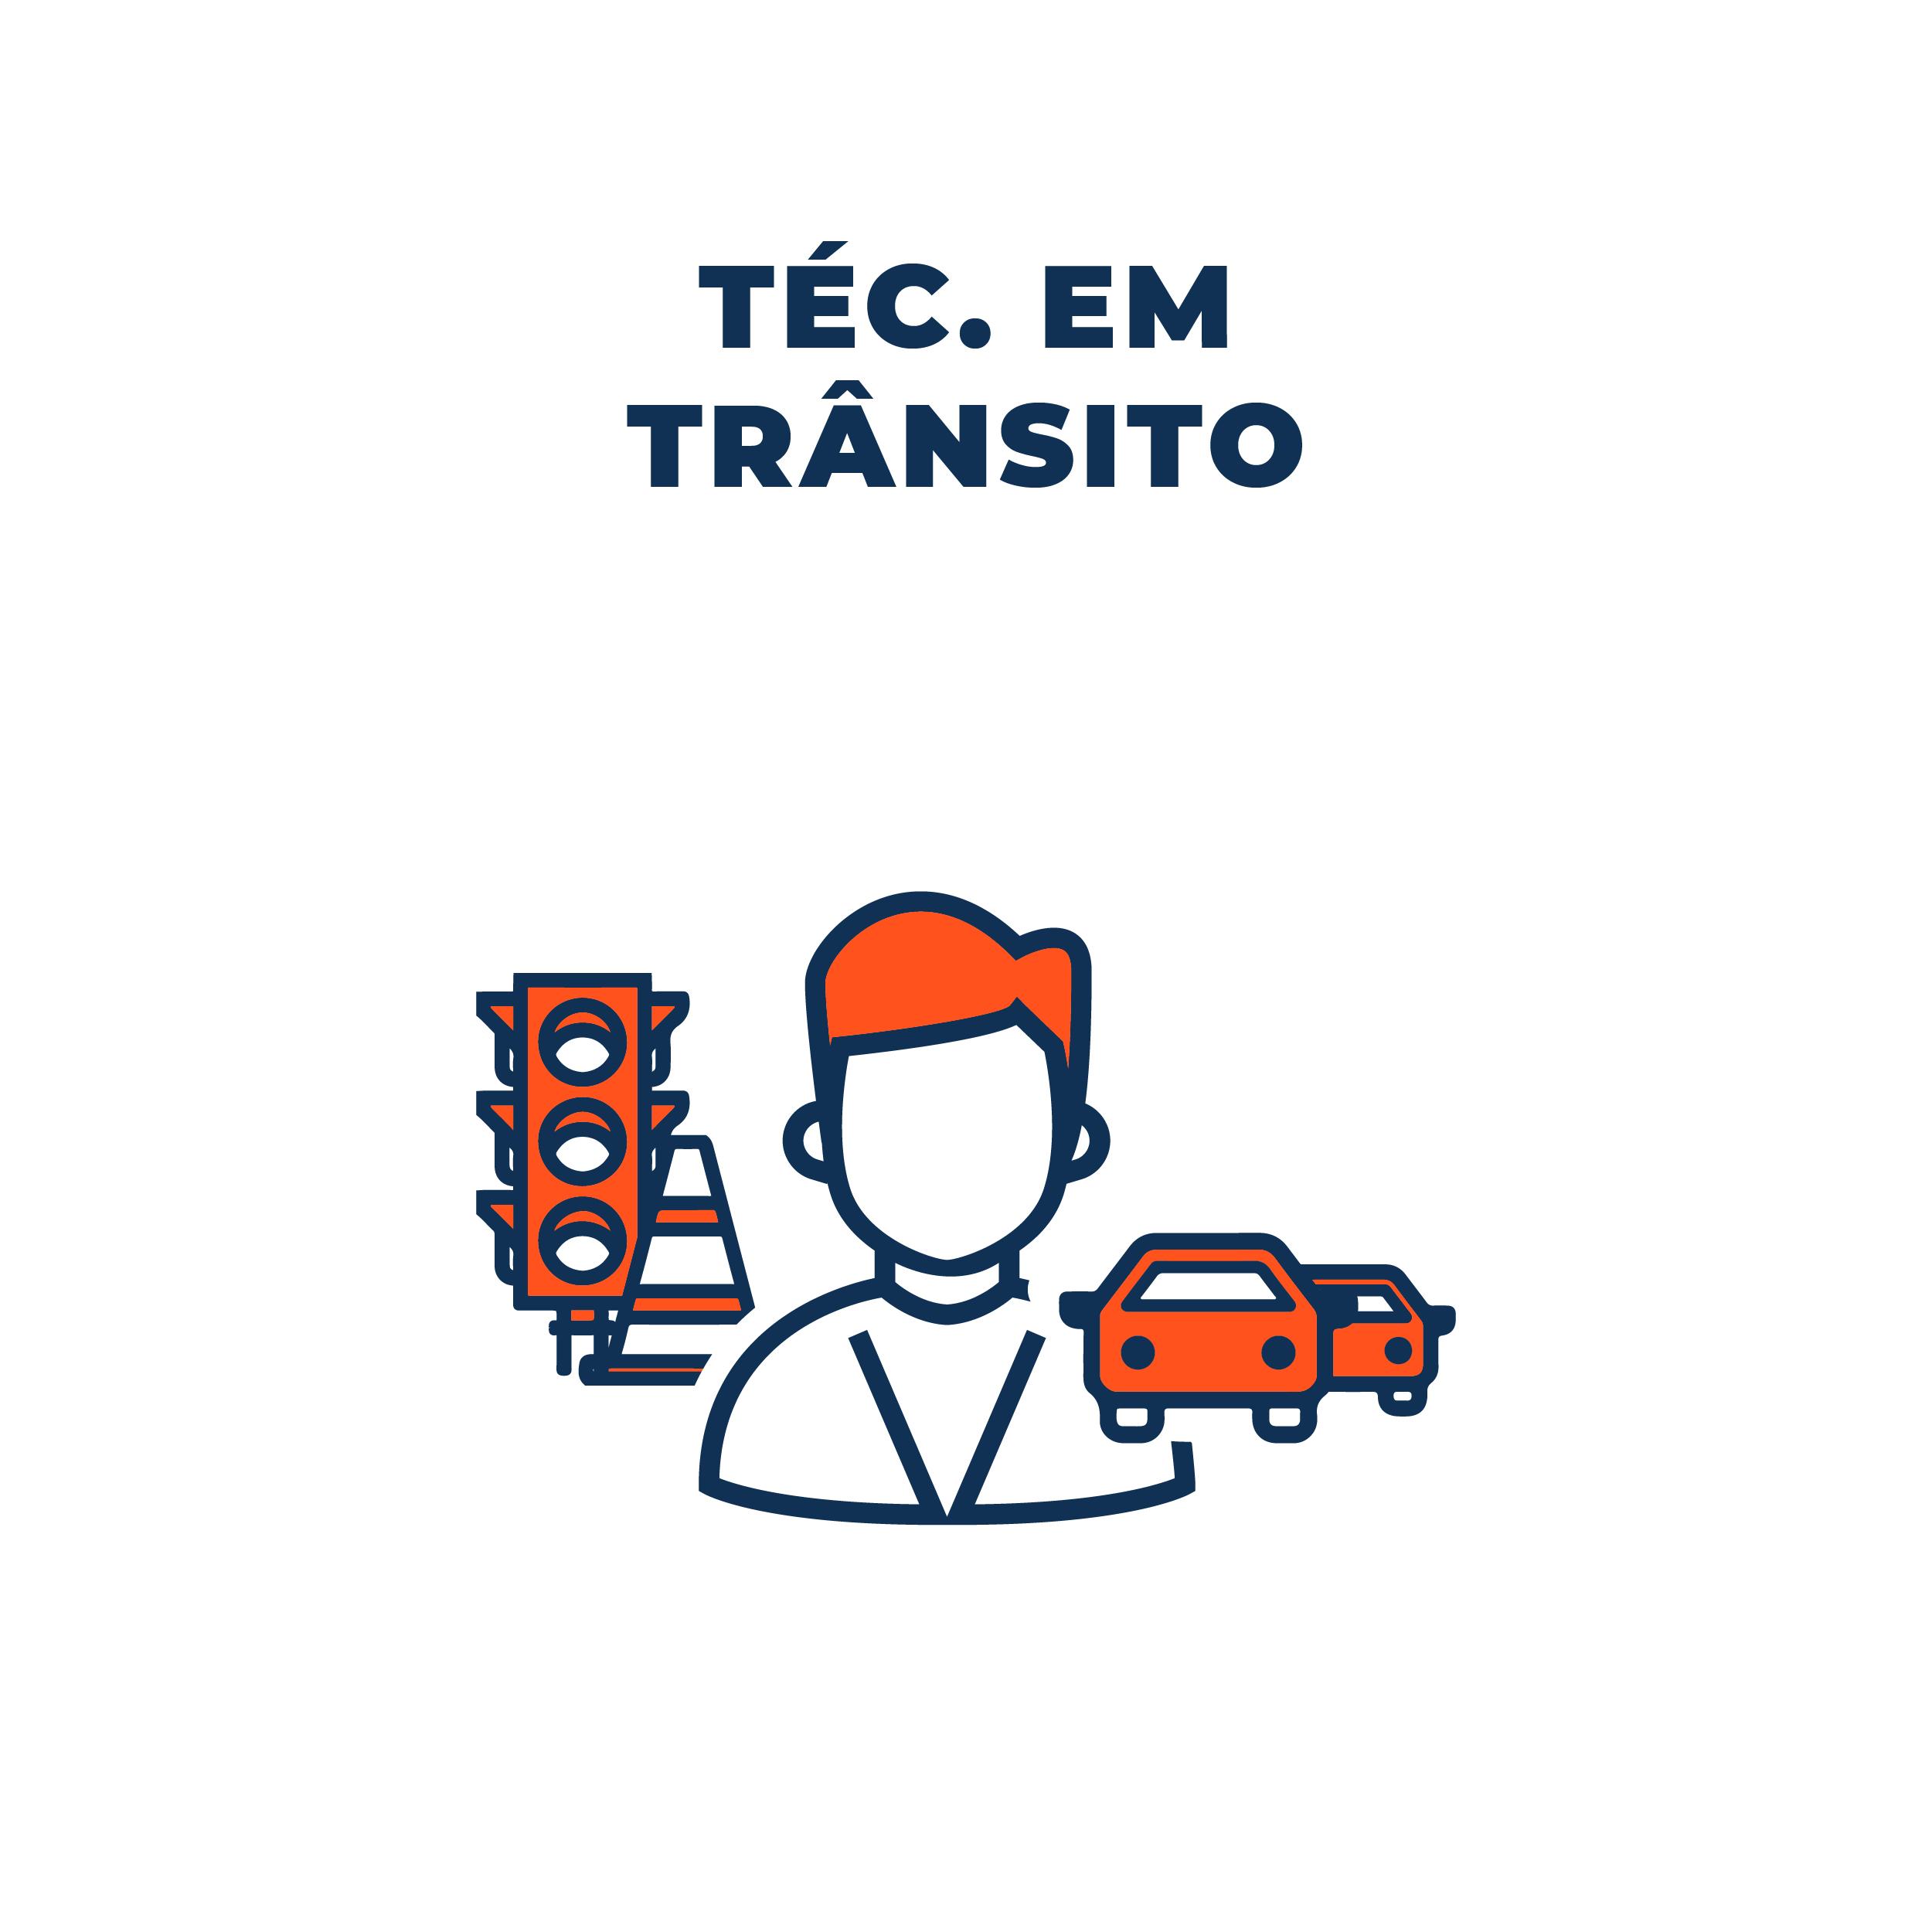 trasnito